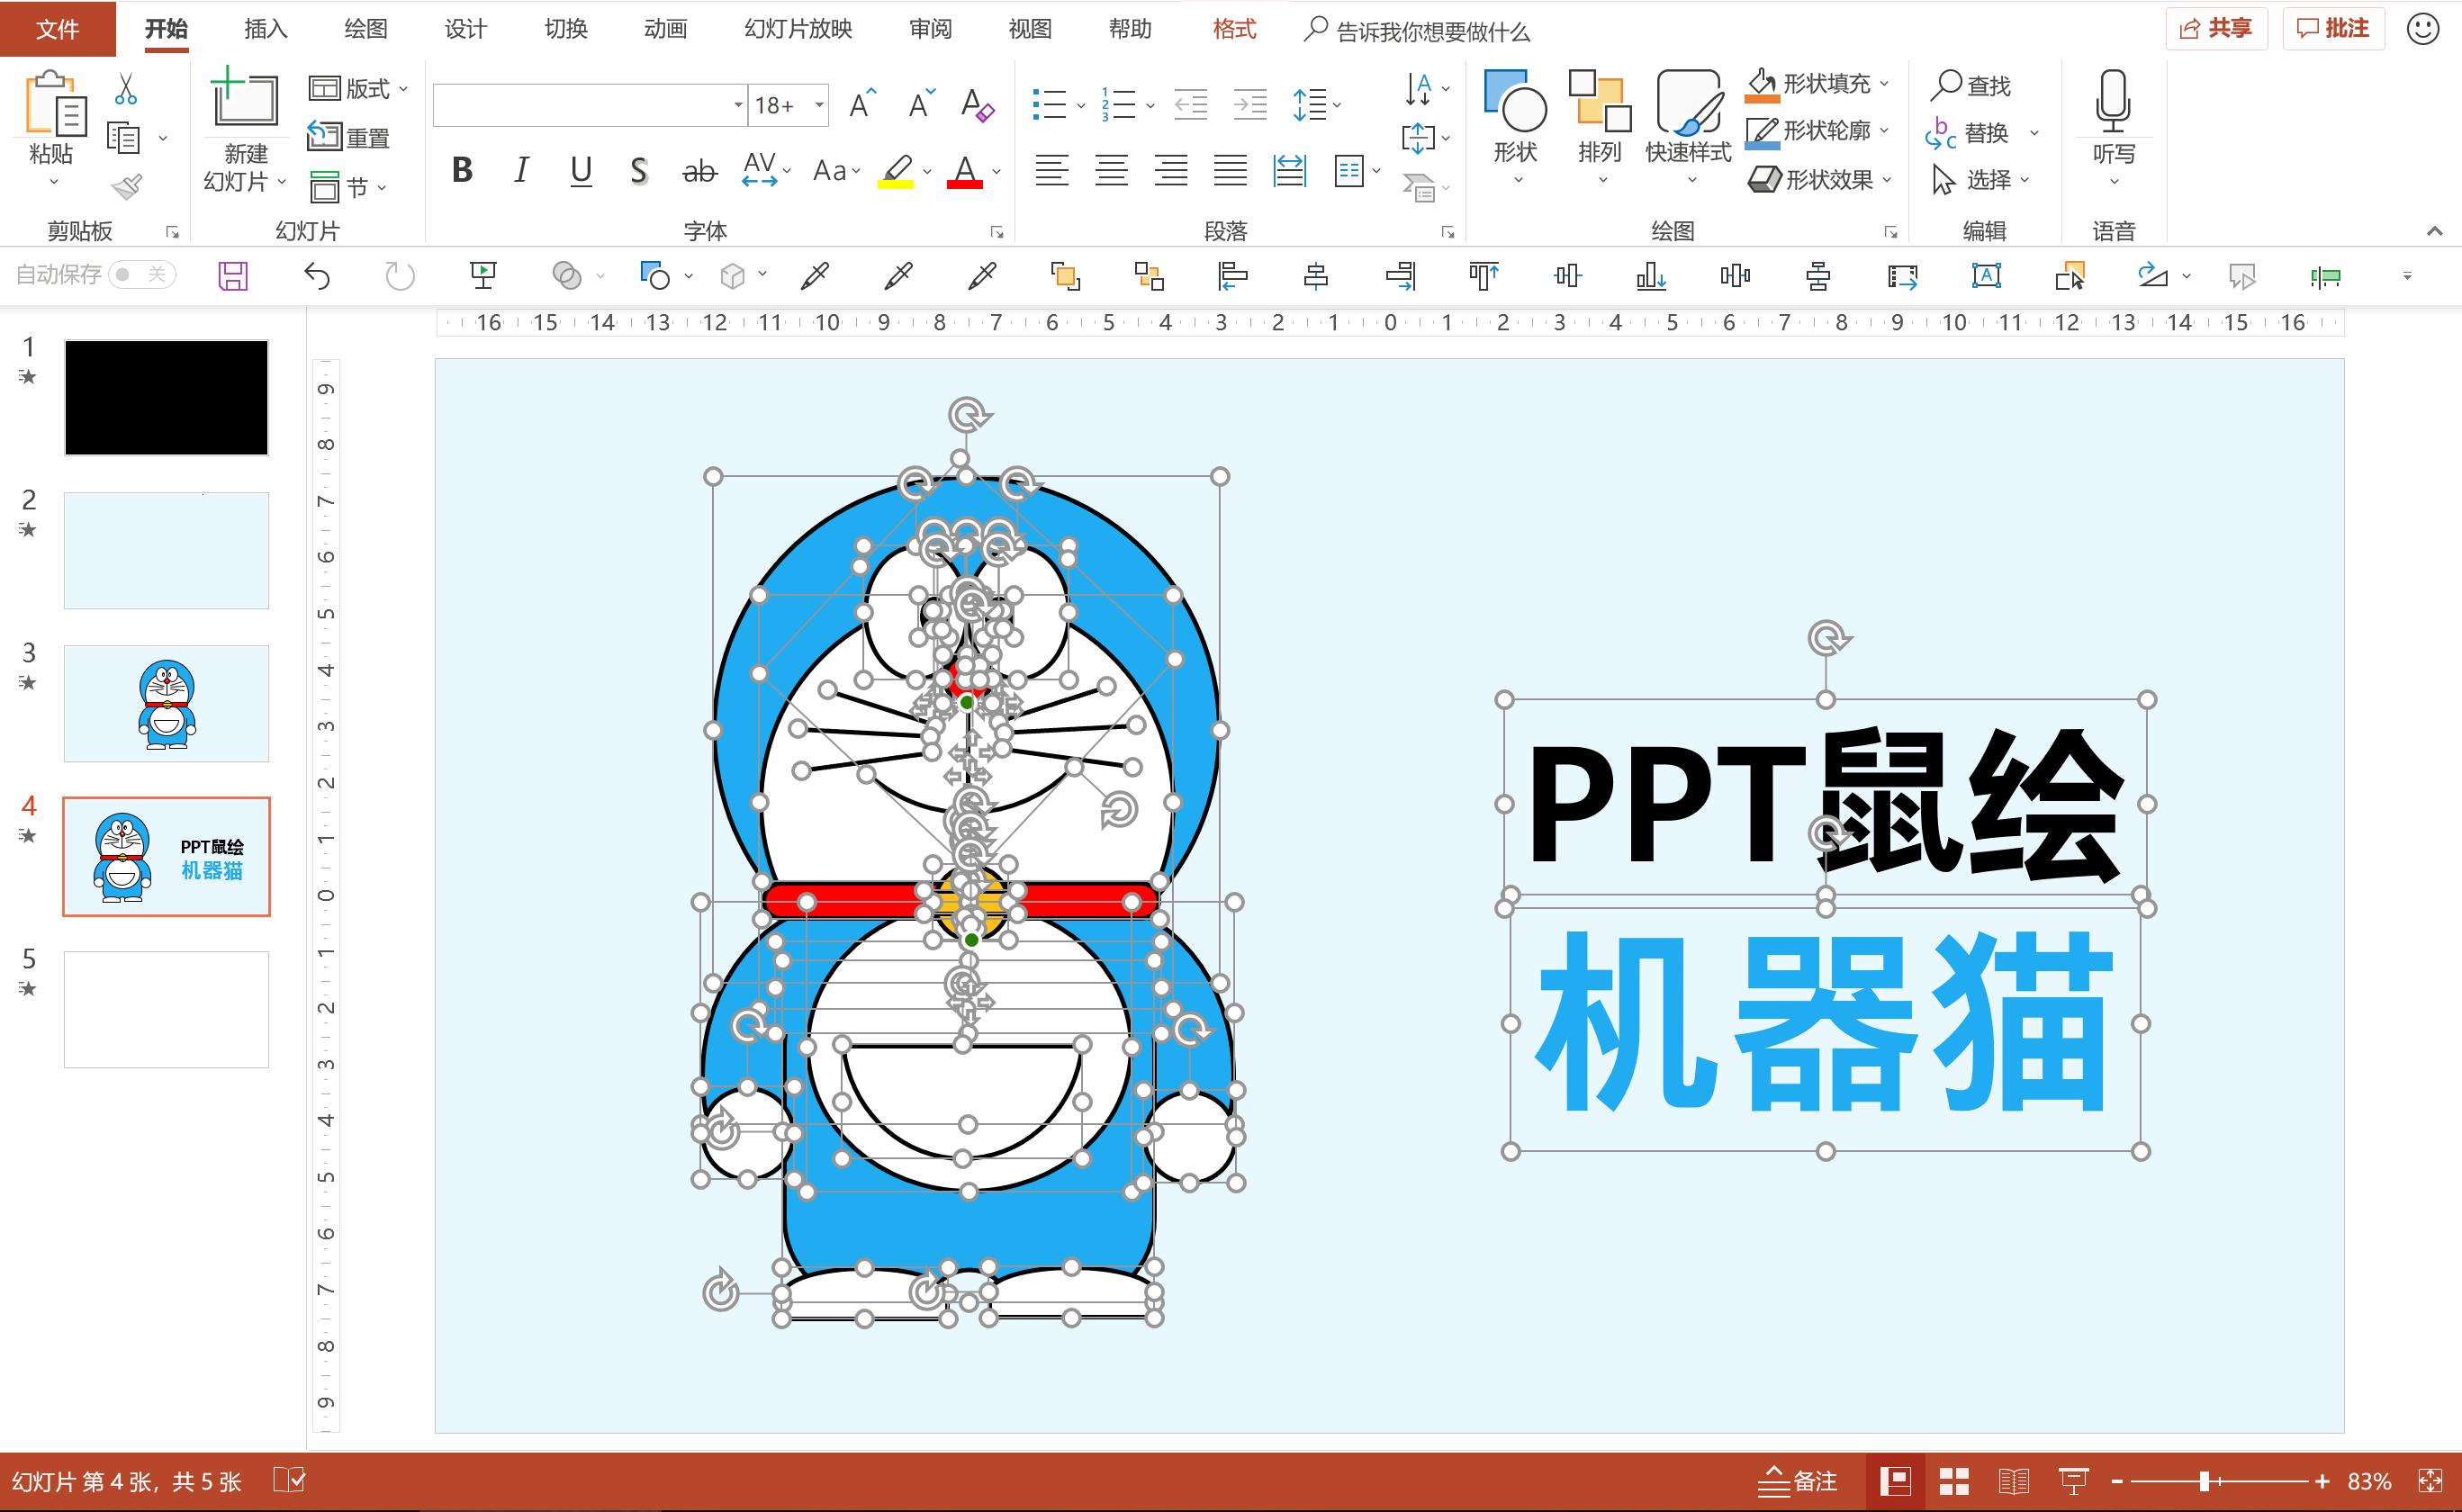 纯PPT鼠绘机器猫